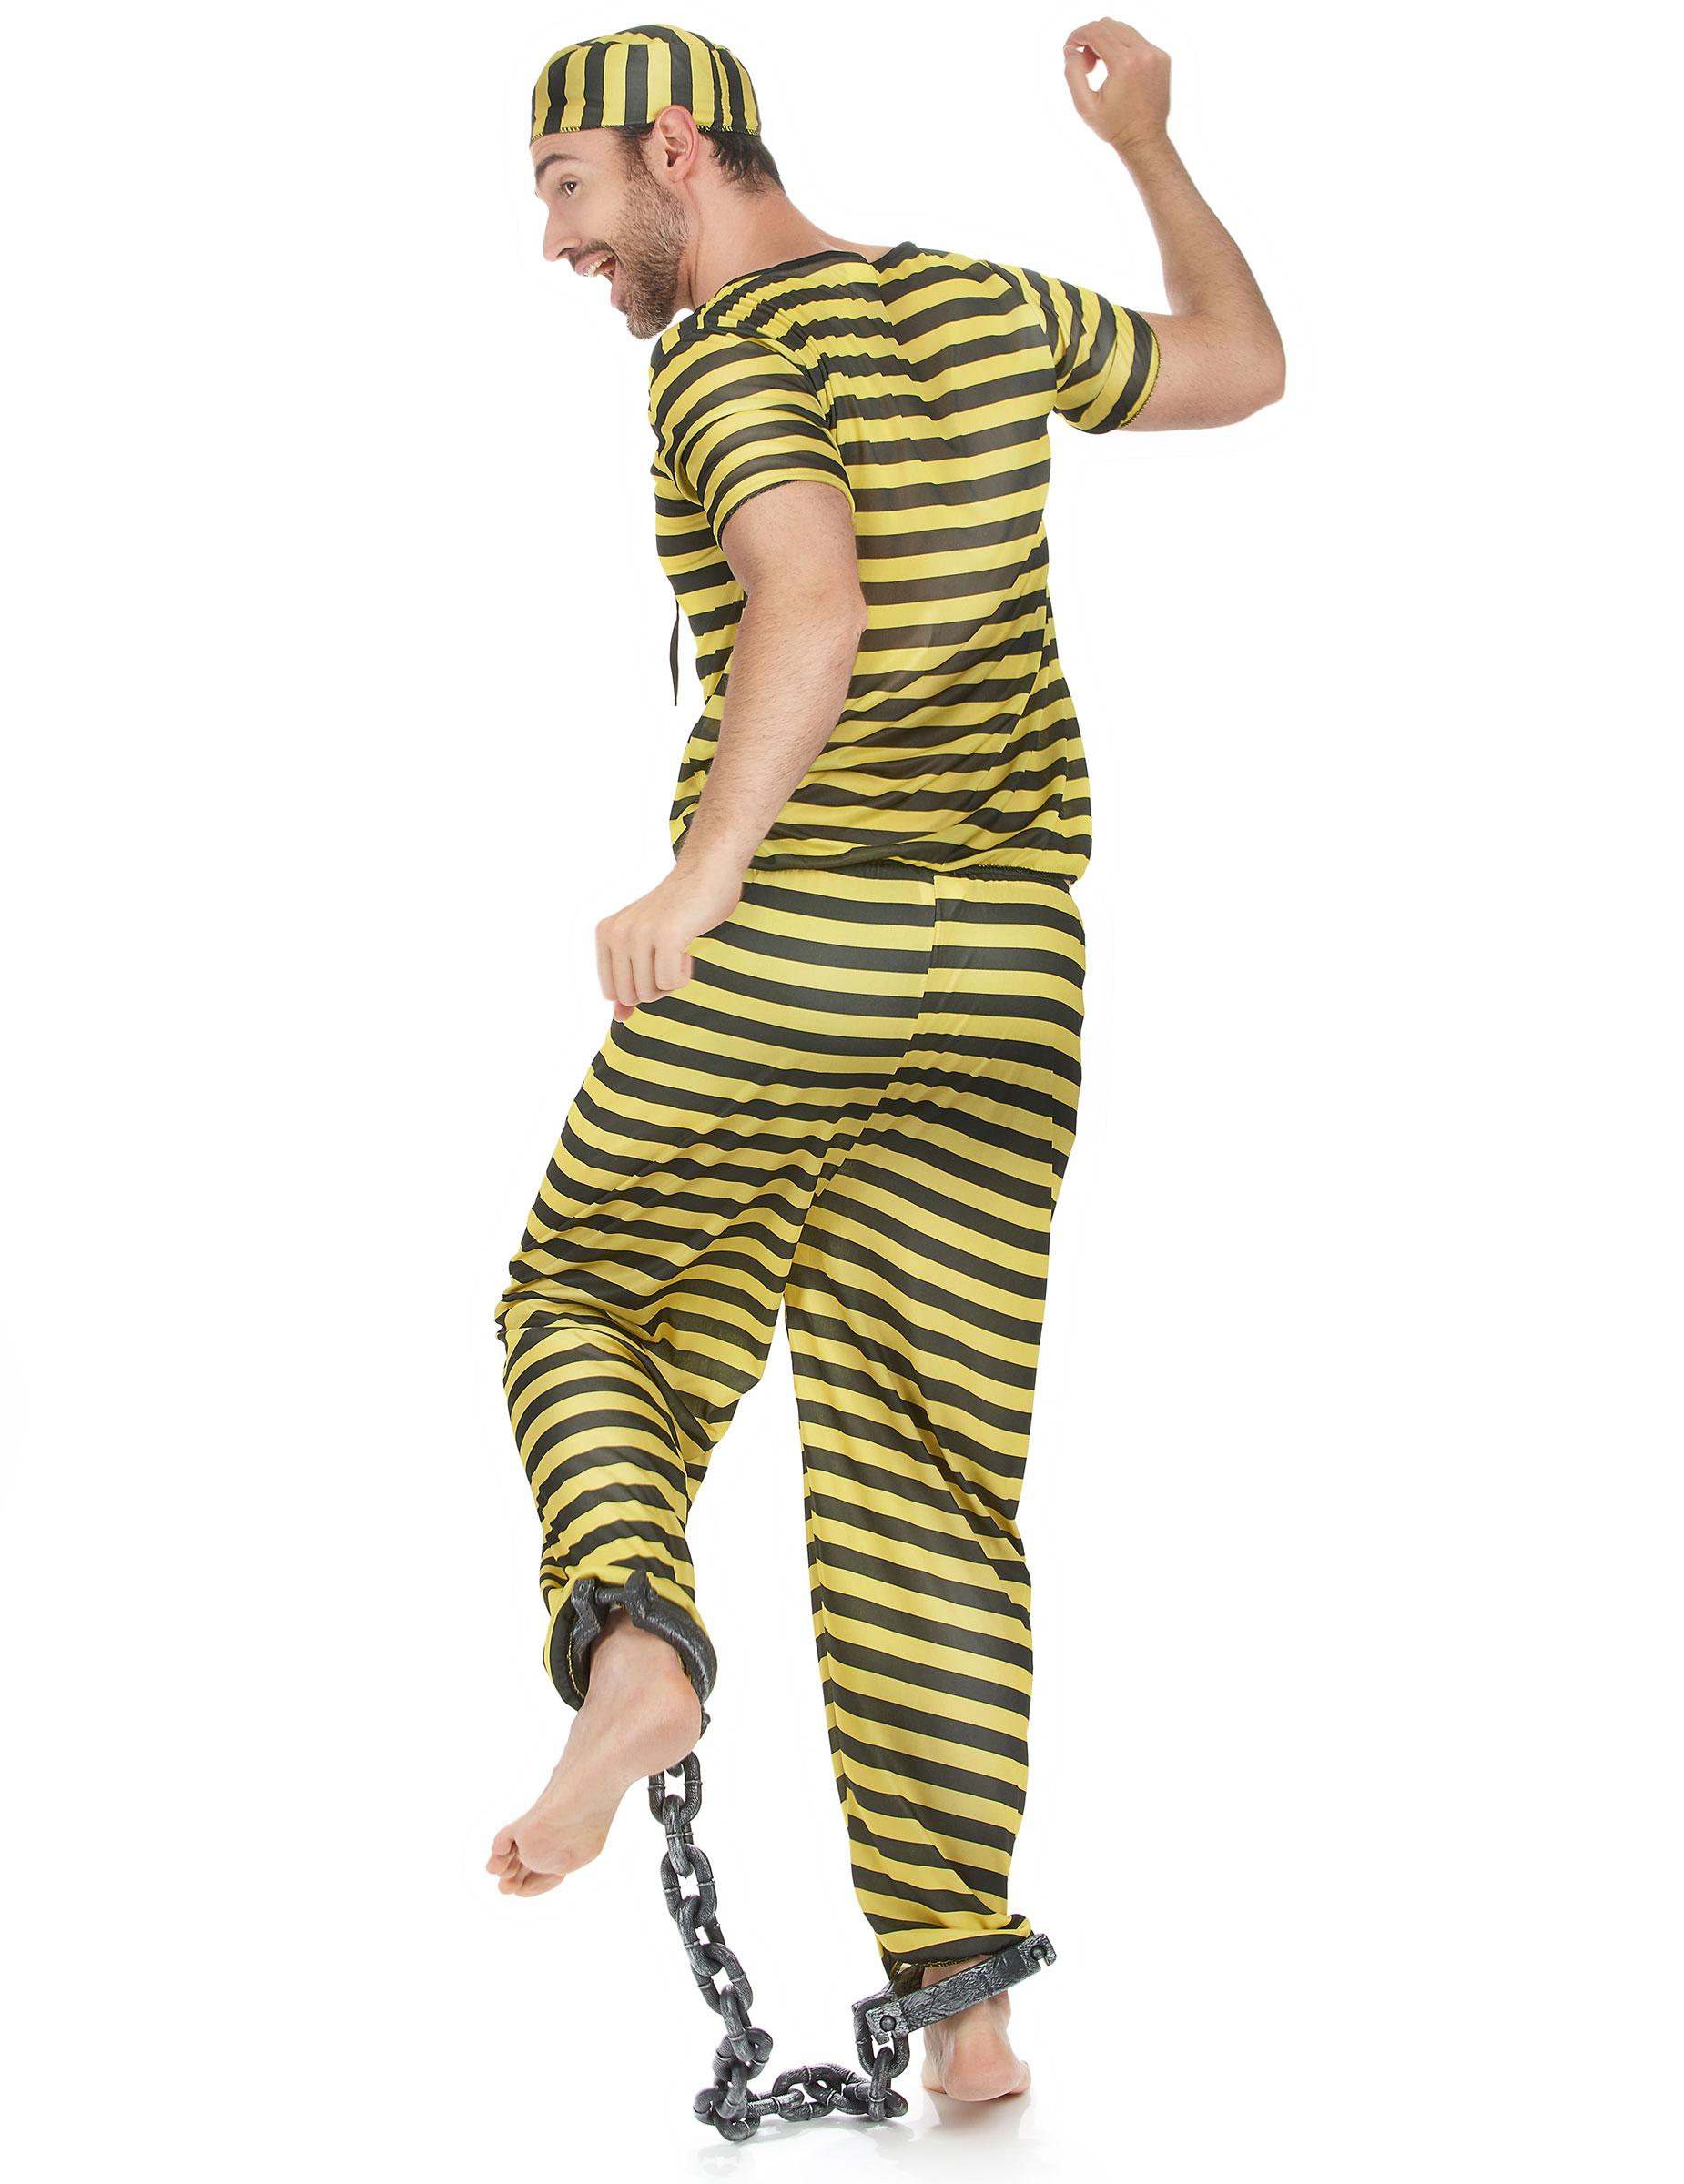 Disfraz de prisionero amarillo para hombre: Disfraces adultos,y disfraces originales baratos ...